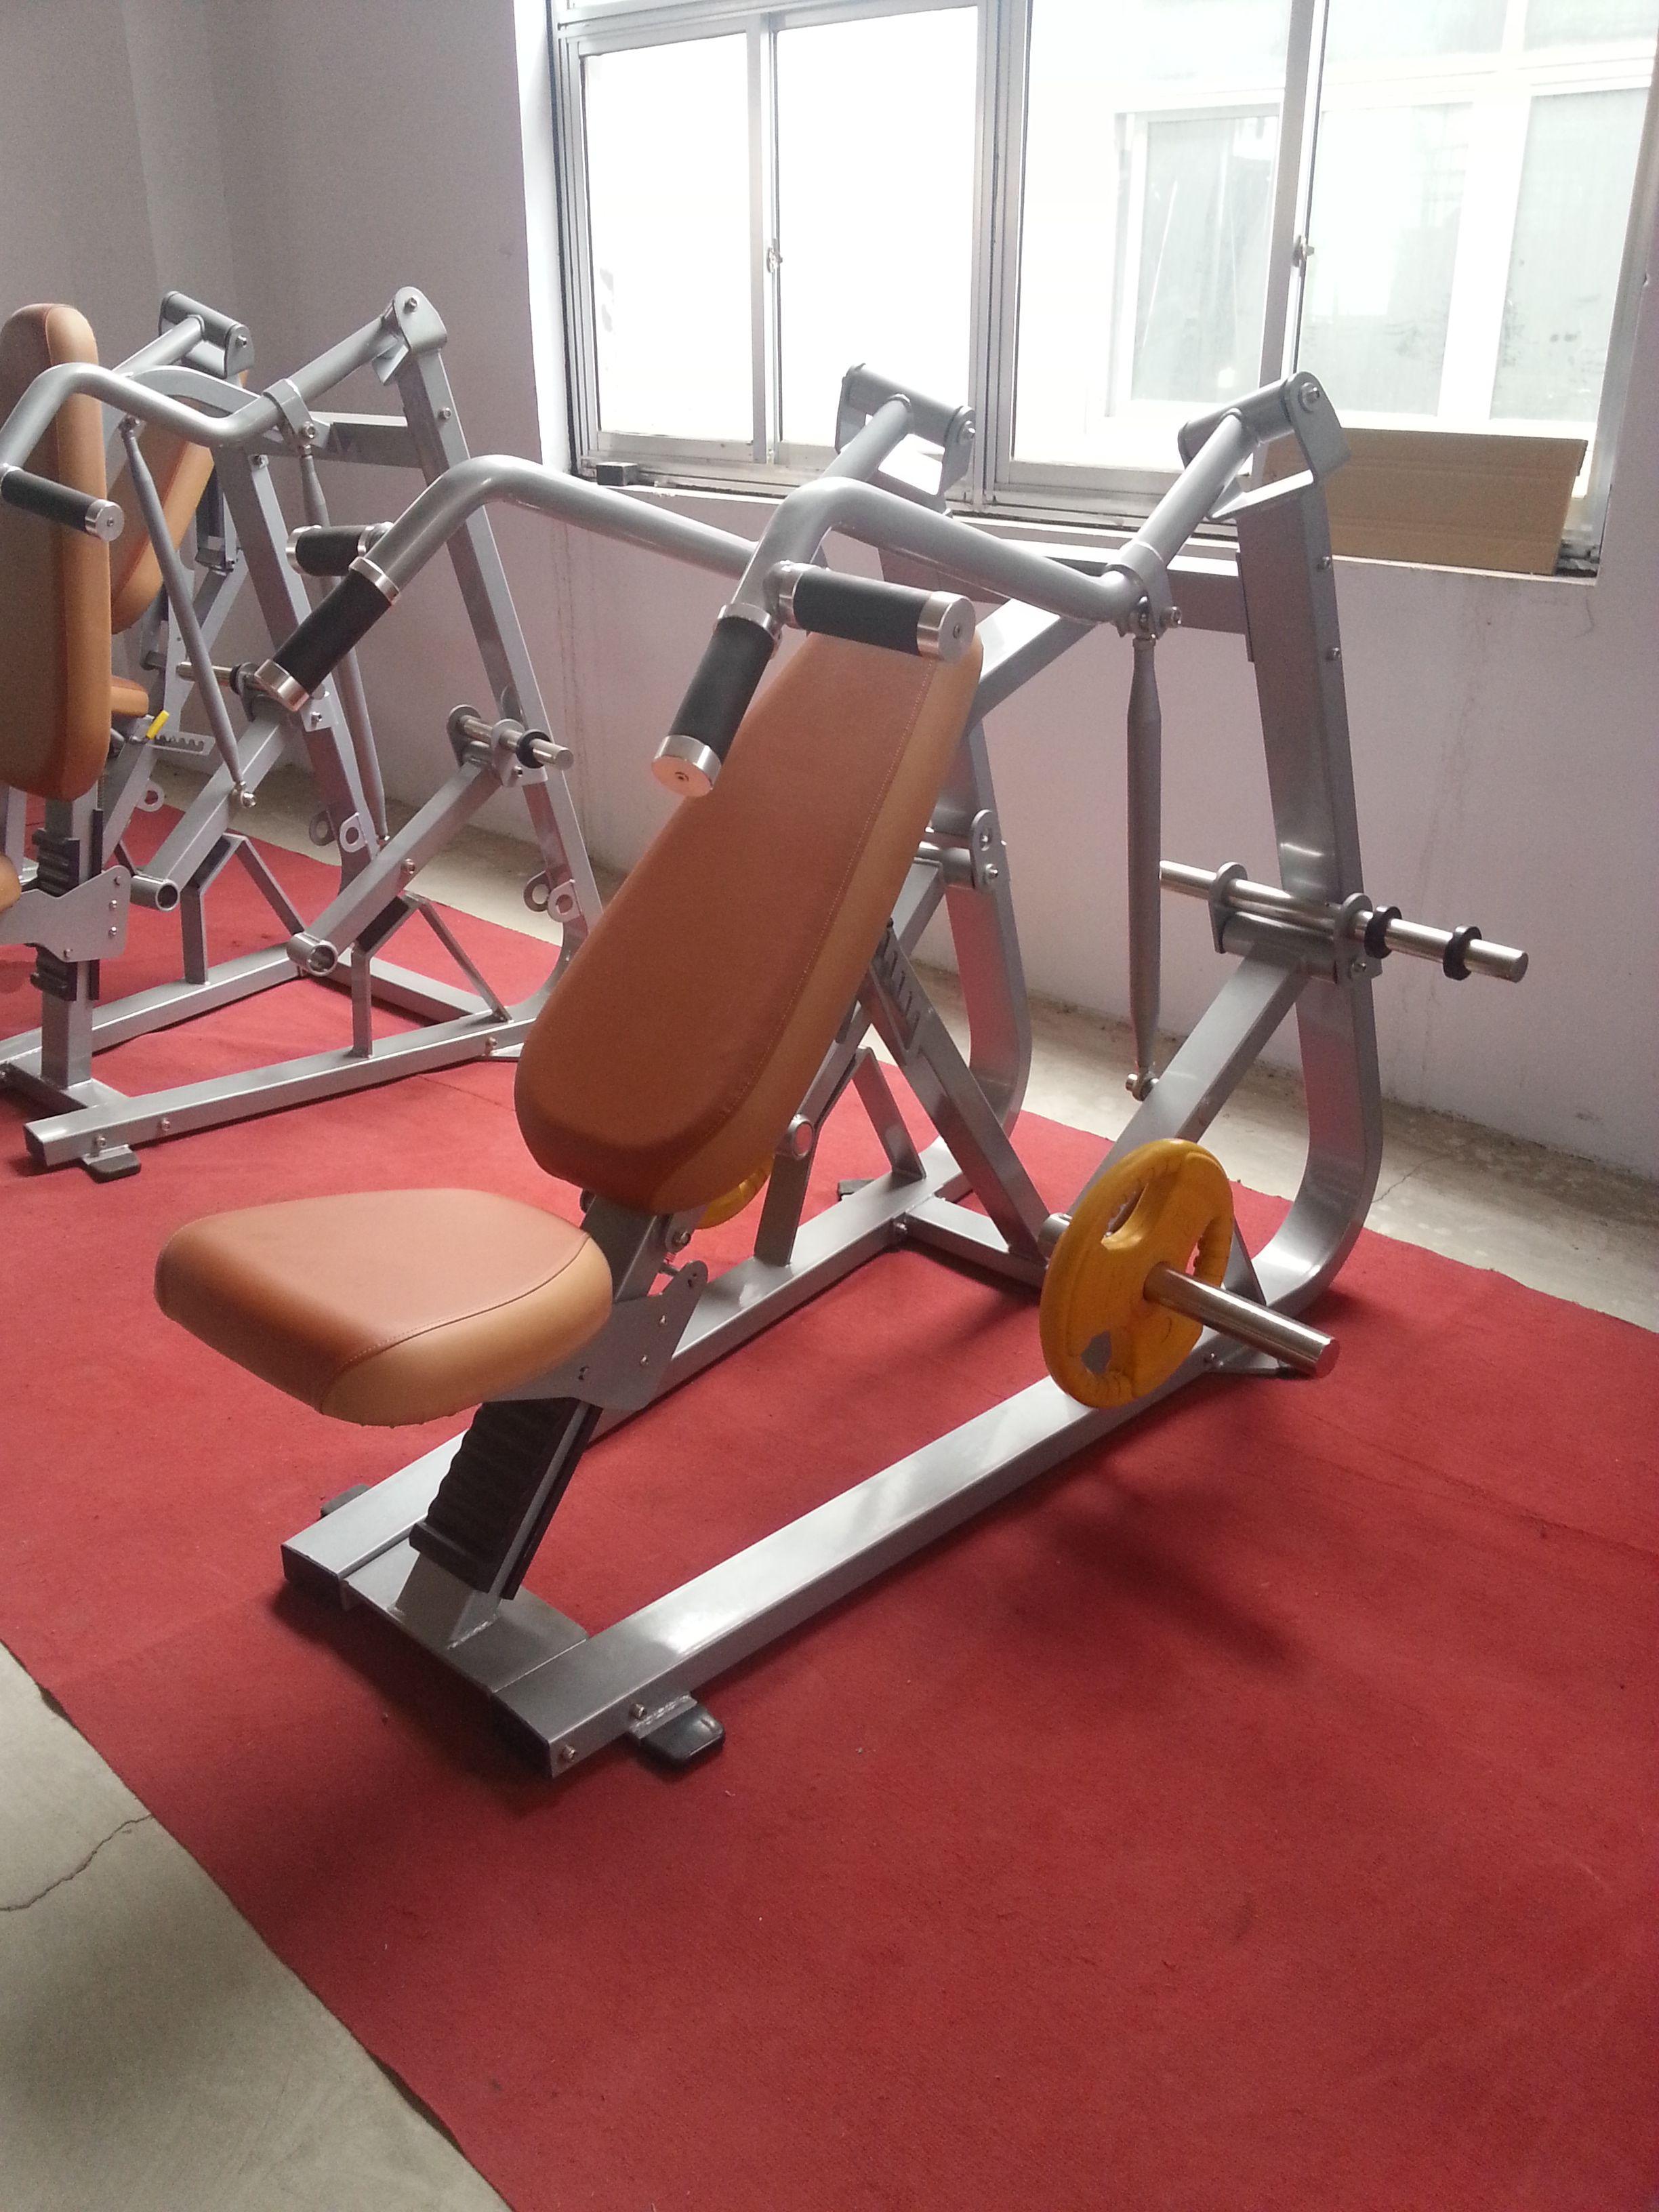 Nautilus Fitness Equipment Xpload Equipment Equipamento De Academia Aparelho De Musculacao Equipamentos De Musculacao